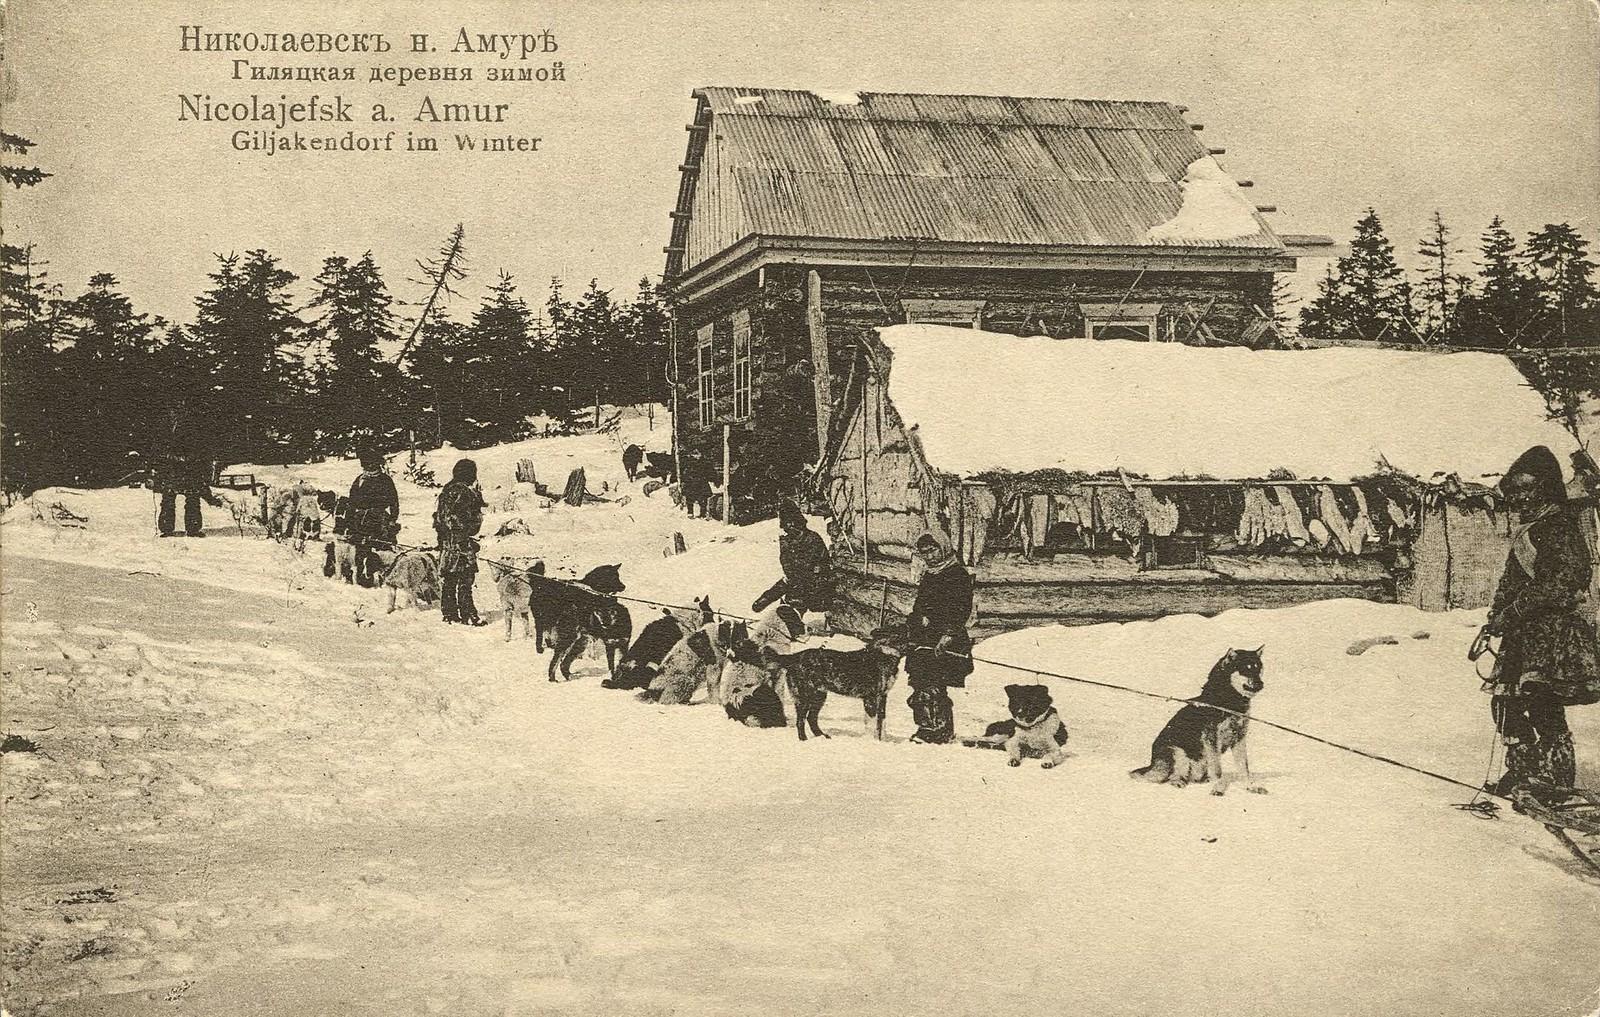 Гиляцкая деревня зимой